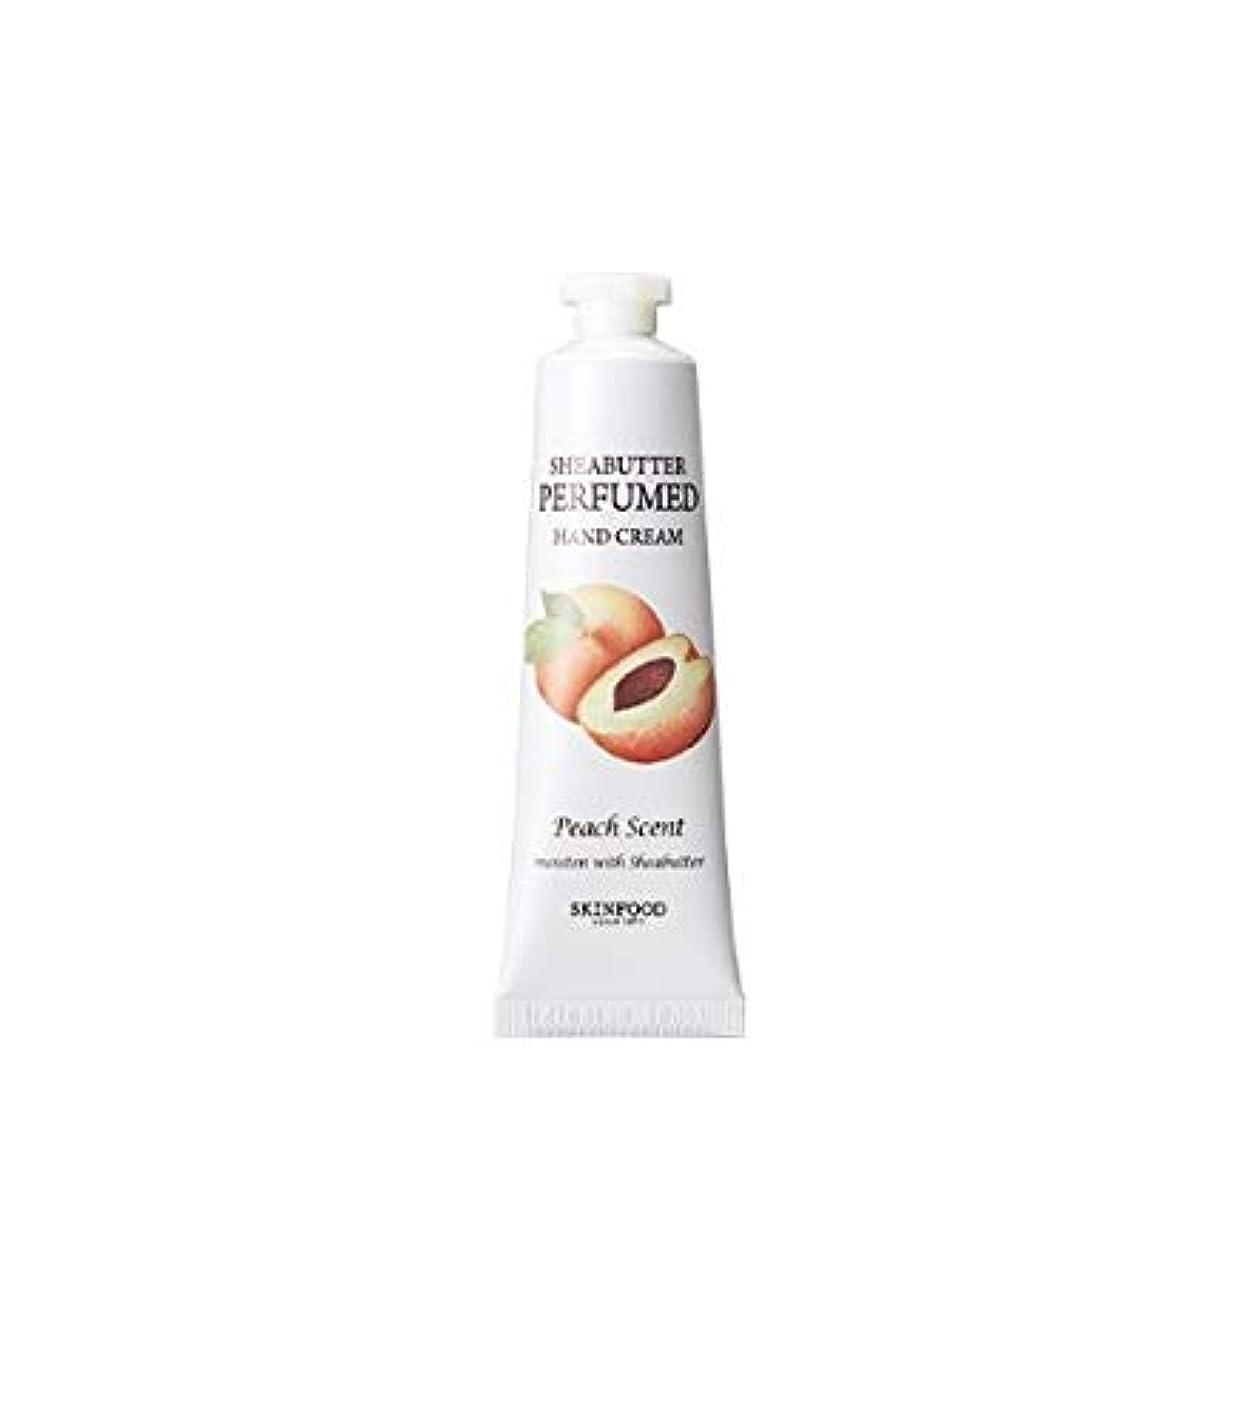 ベアリング健全検体Skinfood シアバター香水ハンドクリーム#ピッチ/Shea Butter Perfumed Hand Cream #Pitch 30ml [並行輸入品]